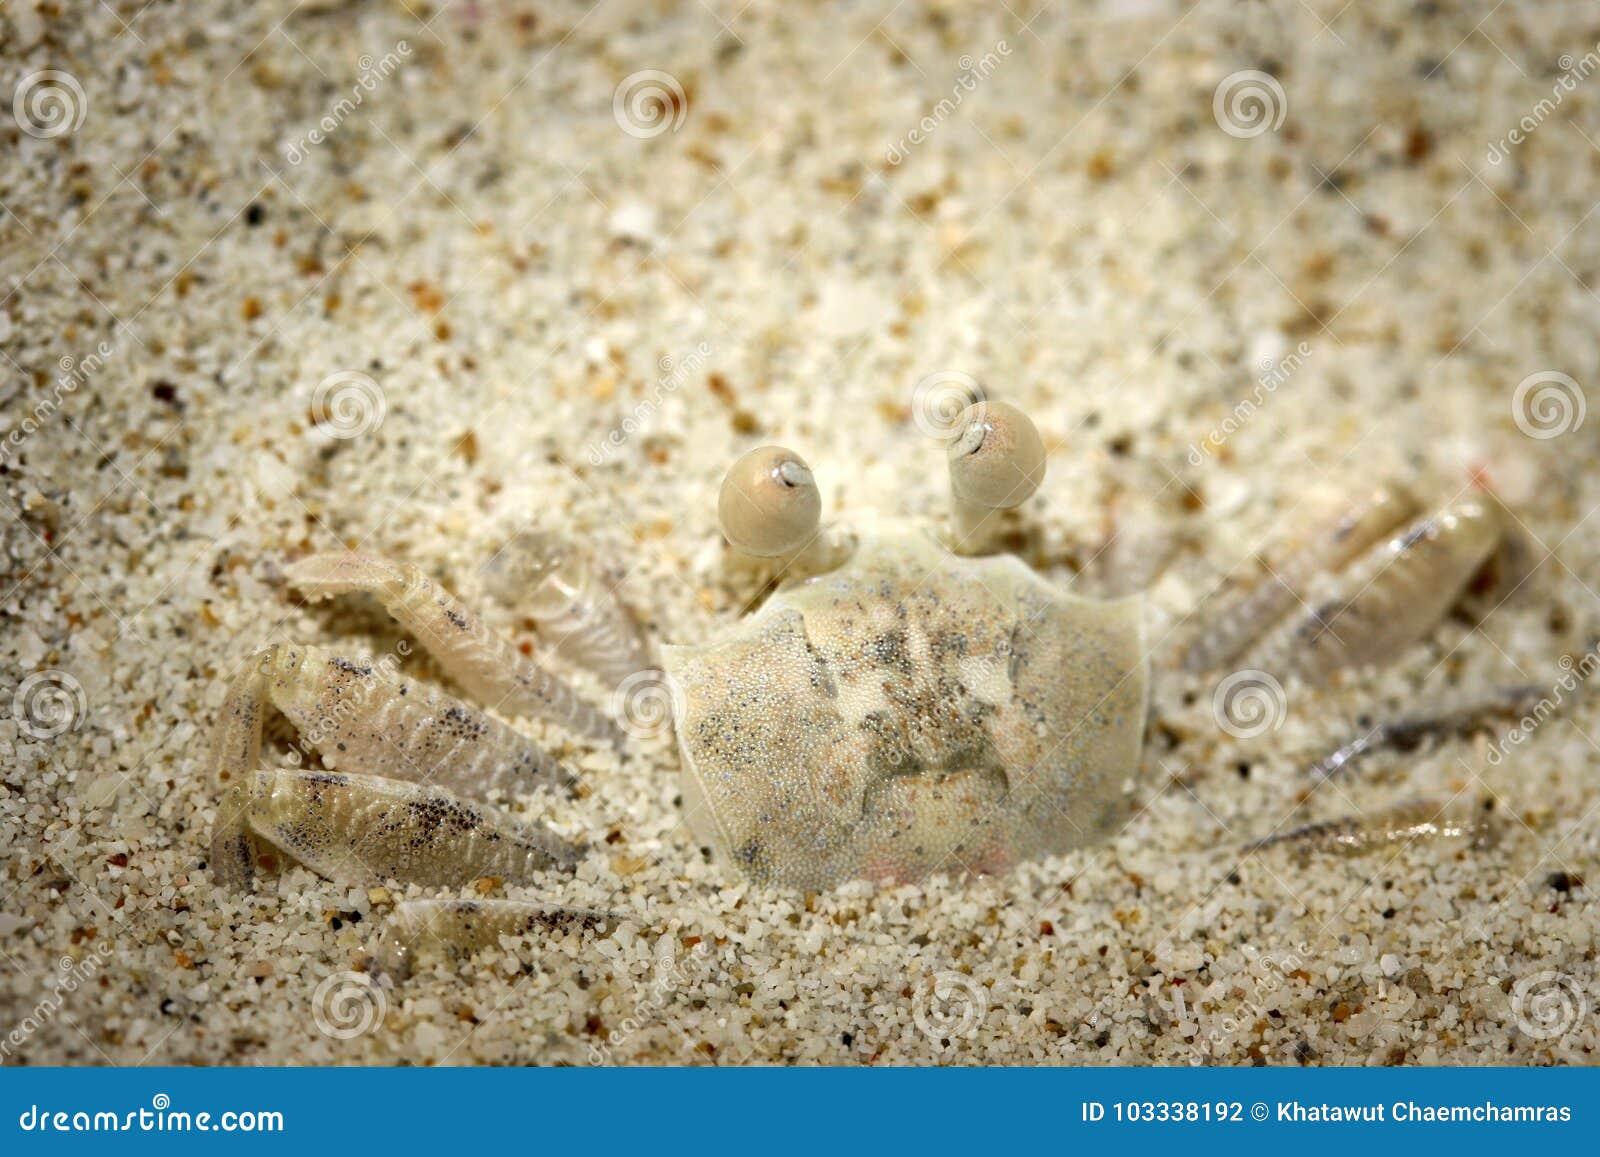 Biały ducha kraba przebranie na białej piaskowatej plaży